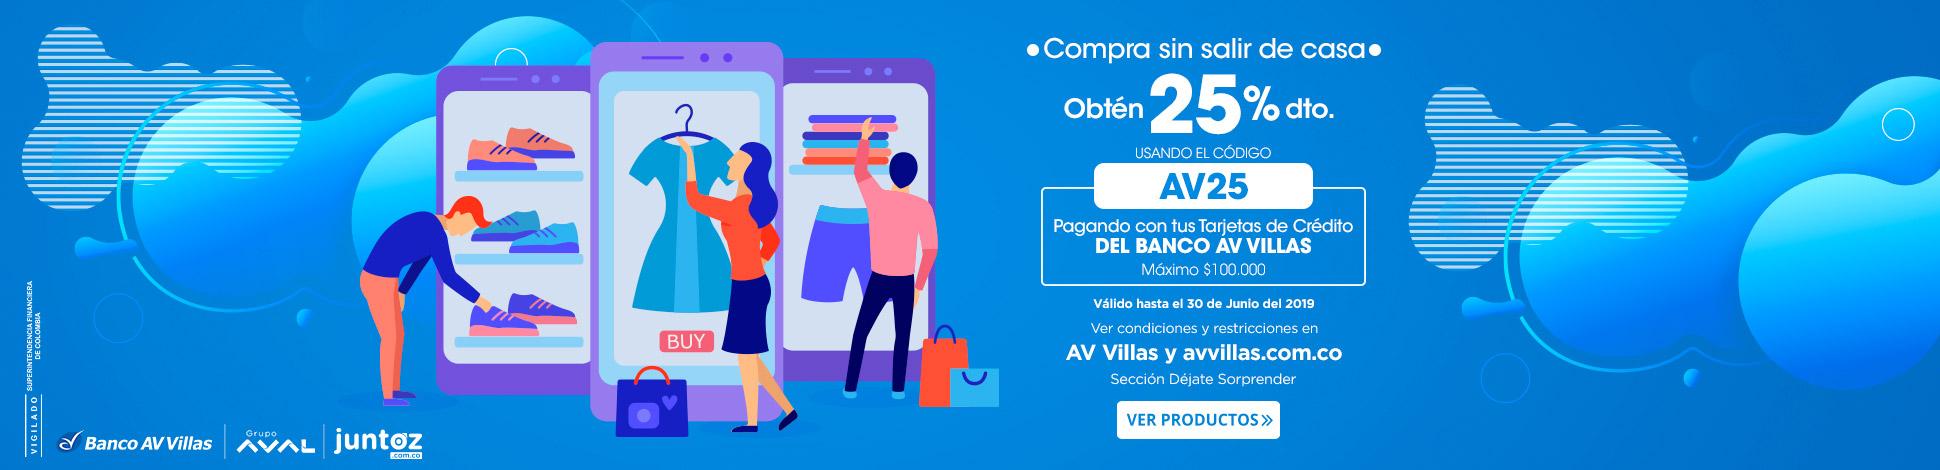 HS-BancoAVvillas (1).jpg | Juntoz.com